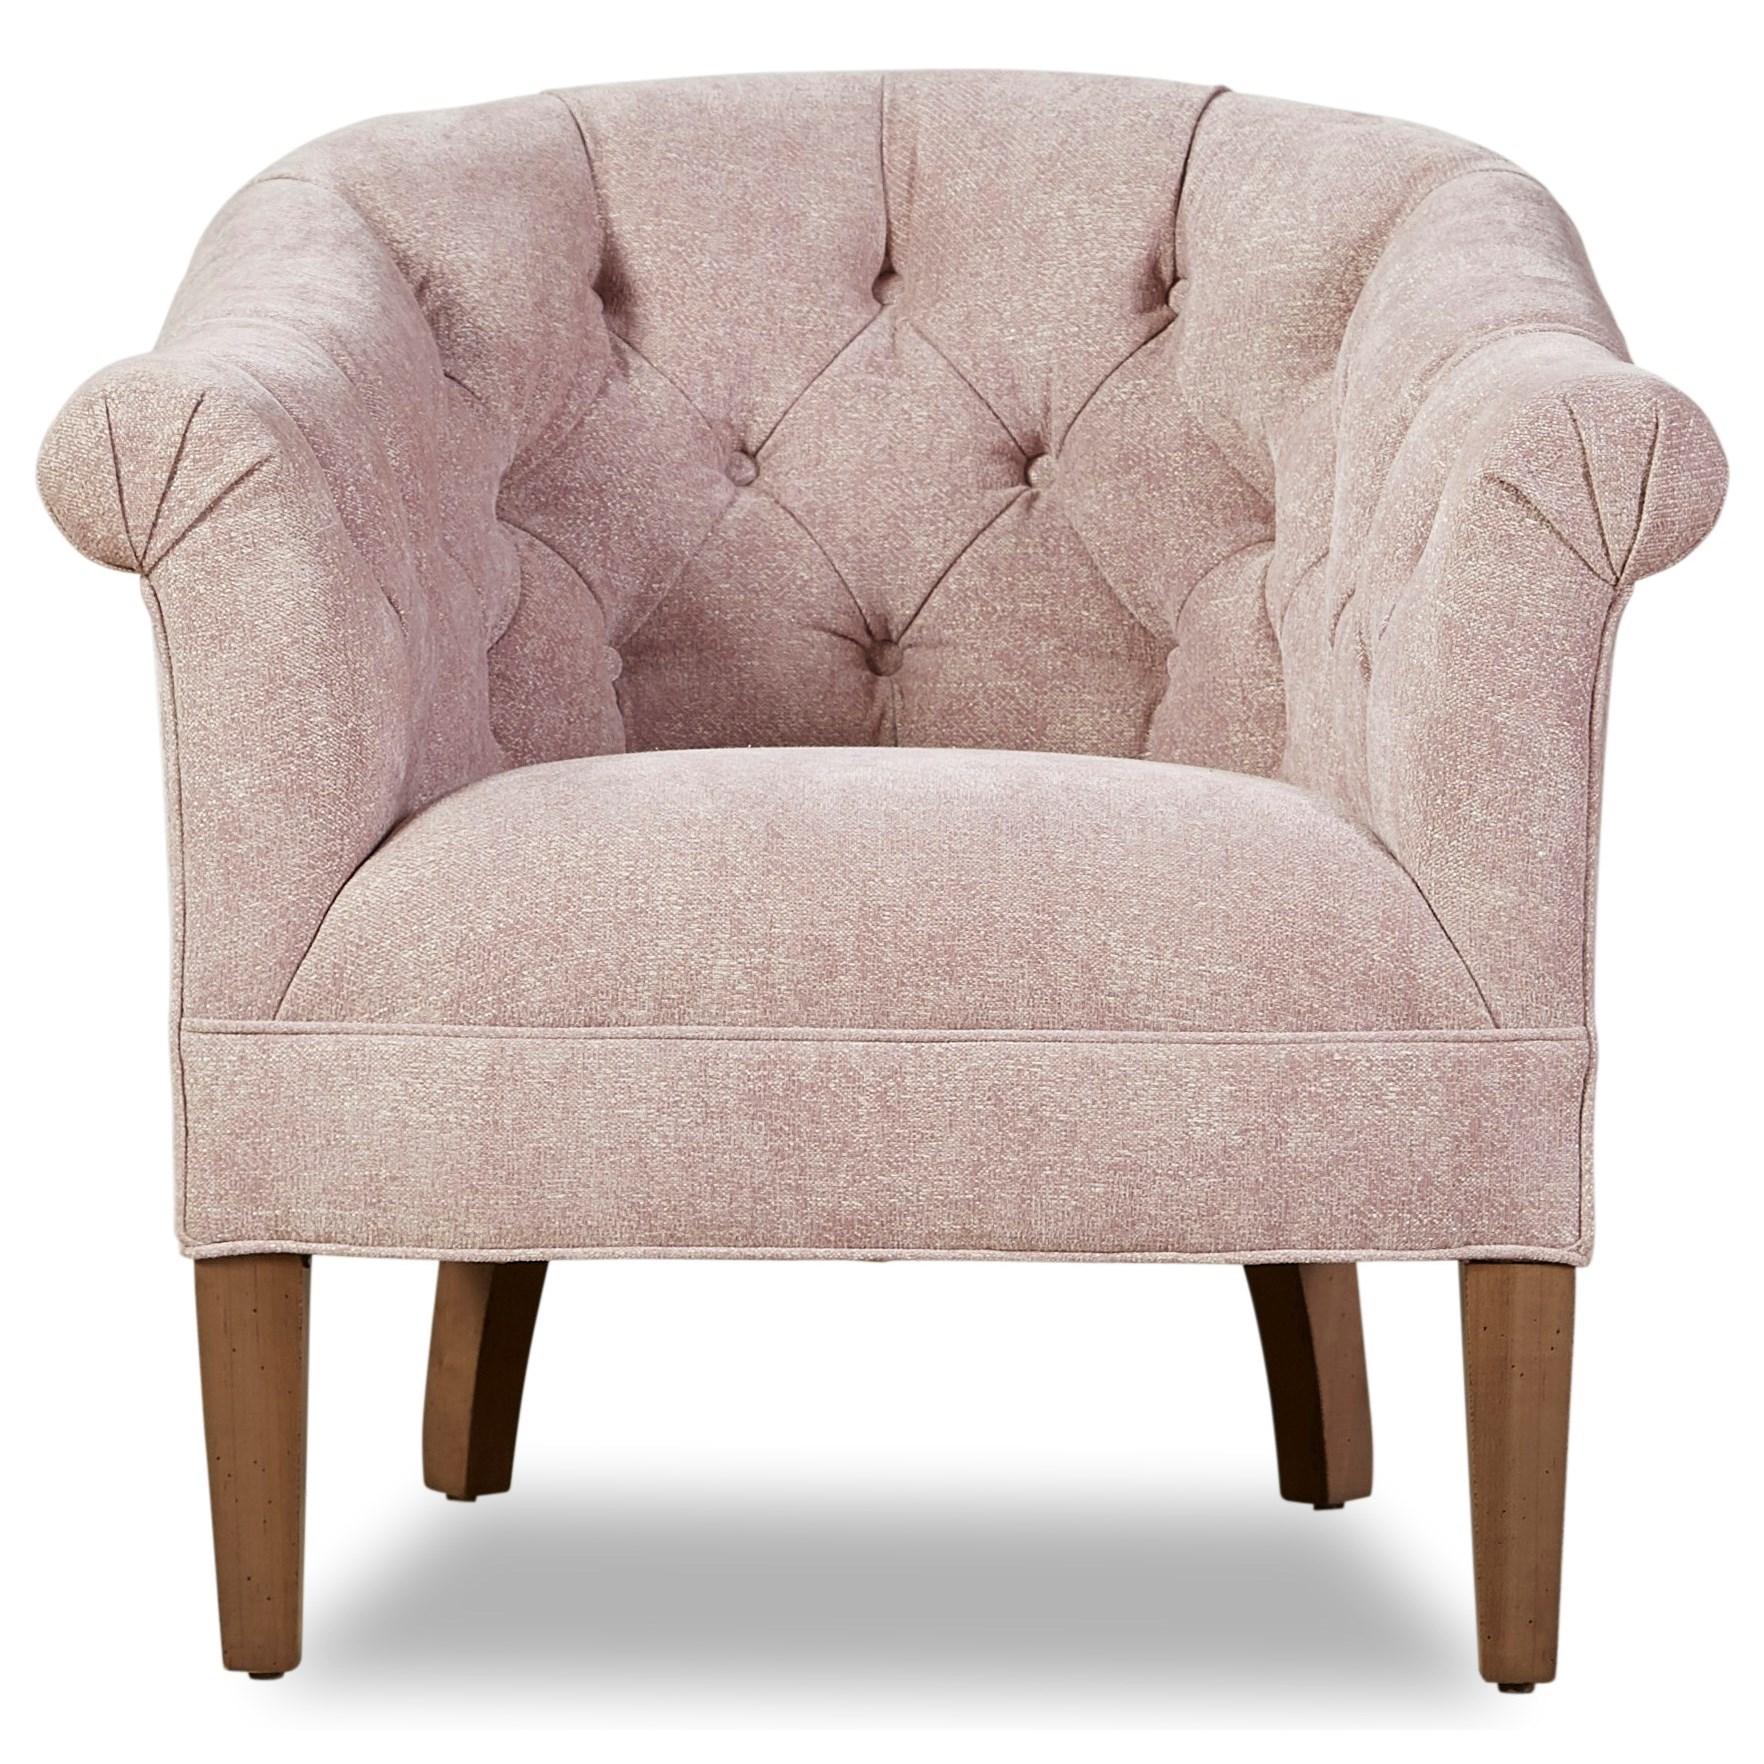 7768 Chair by Geoffrey Alexander at Sprintz Furniture